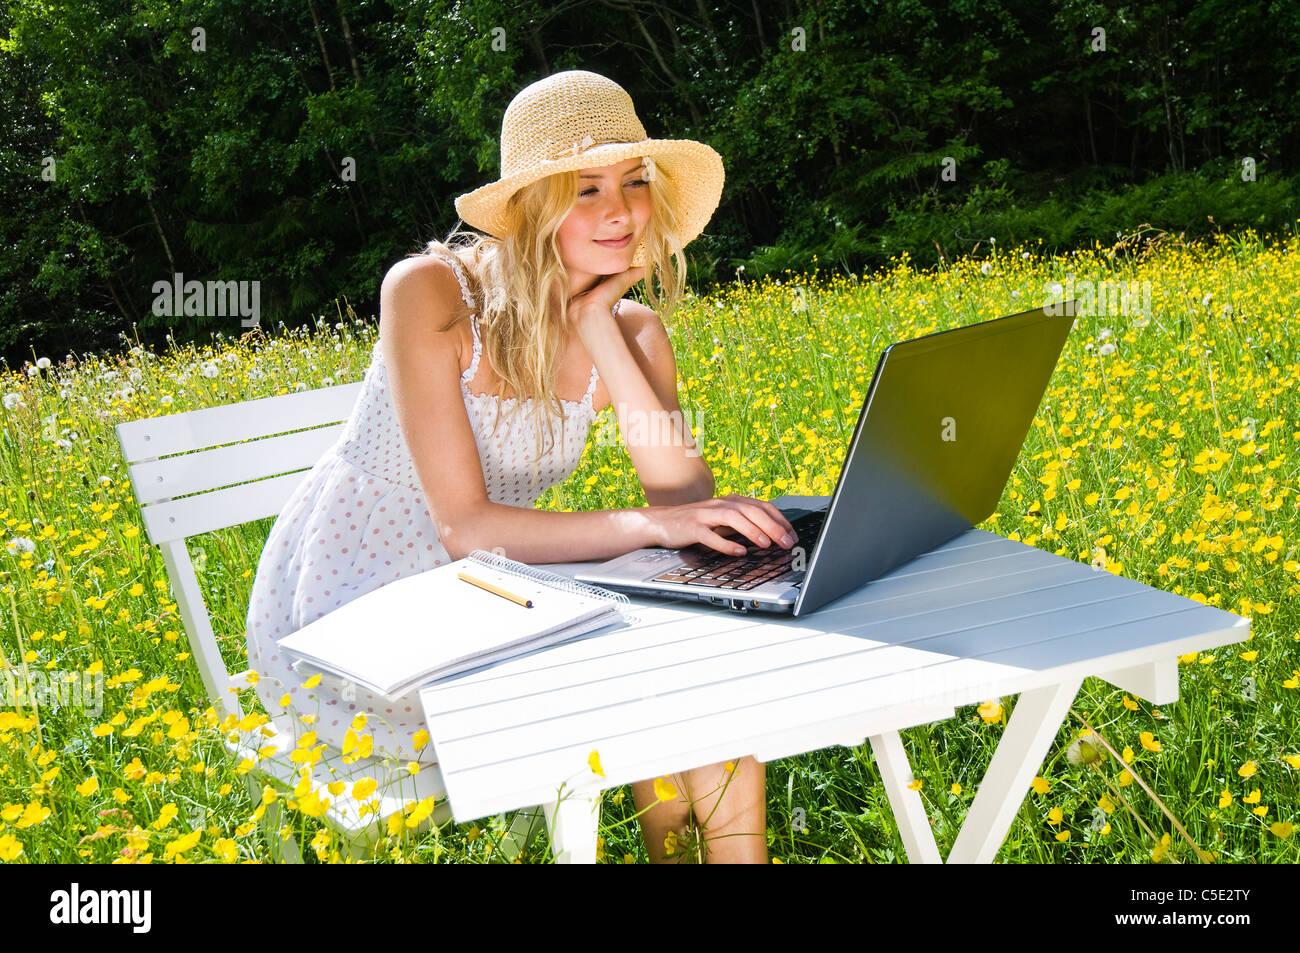 Mujer joven con sombrero sentado en una hermosa pradera floreada con un portátil Imagen De Stock